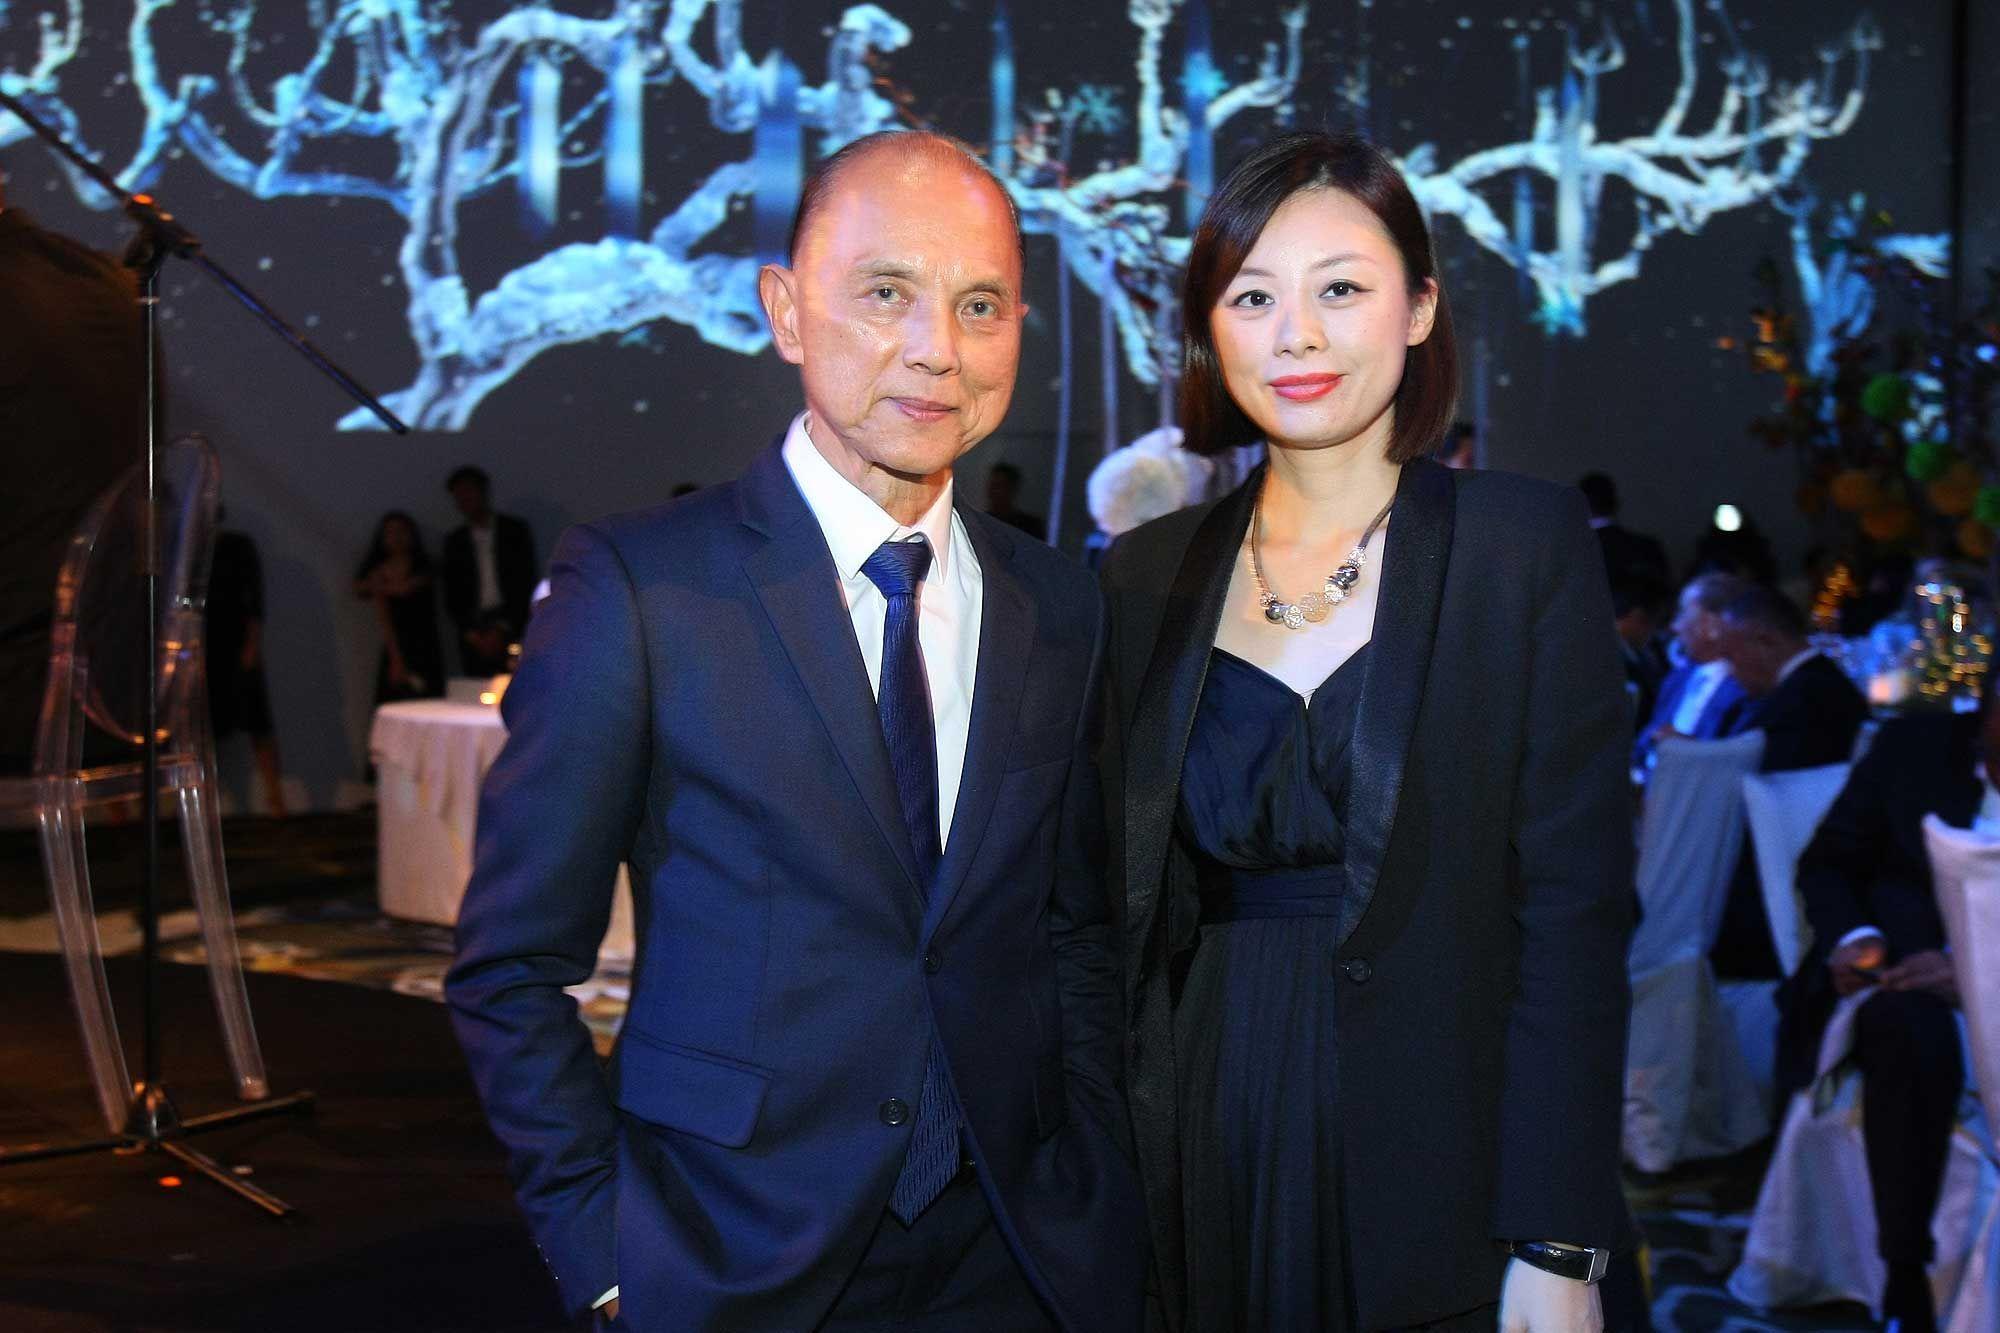 Datuk Jimmy Choo and Emily Choo